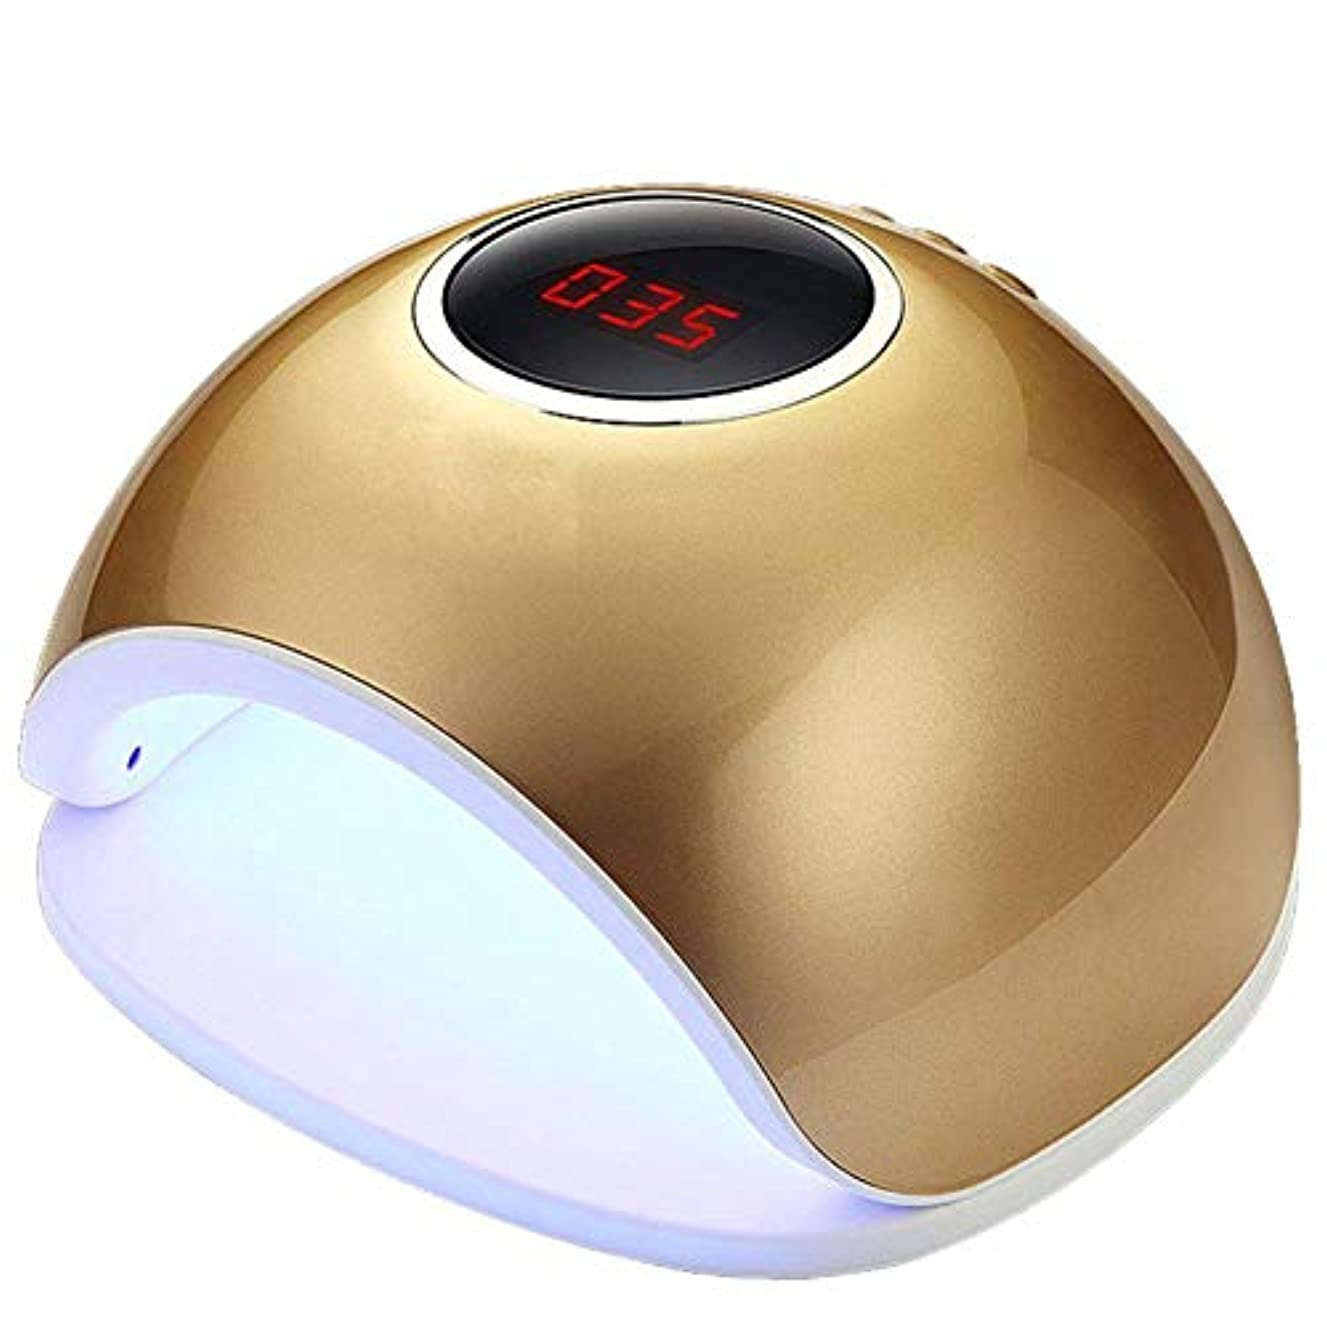 ほぼチーズ周辺マニキュアペディキュアスマート赤外線センシング、絵としての色のためのすべてのジェルネイルポリッシュサンライトランプを乾燥させるネイルドライヤー72Wを乾燥させるネイルドライヤーLED UVランプ